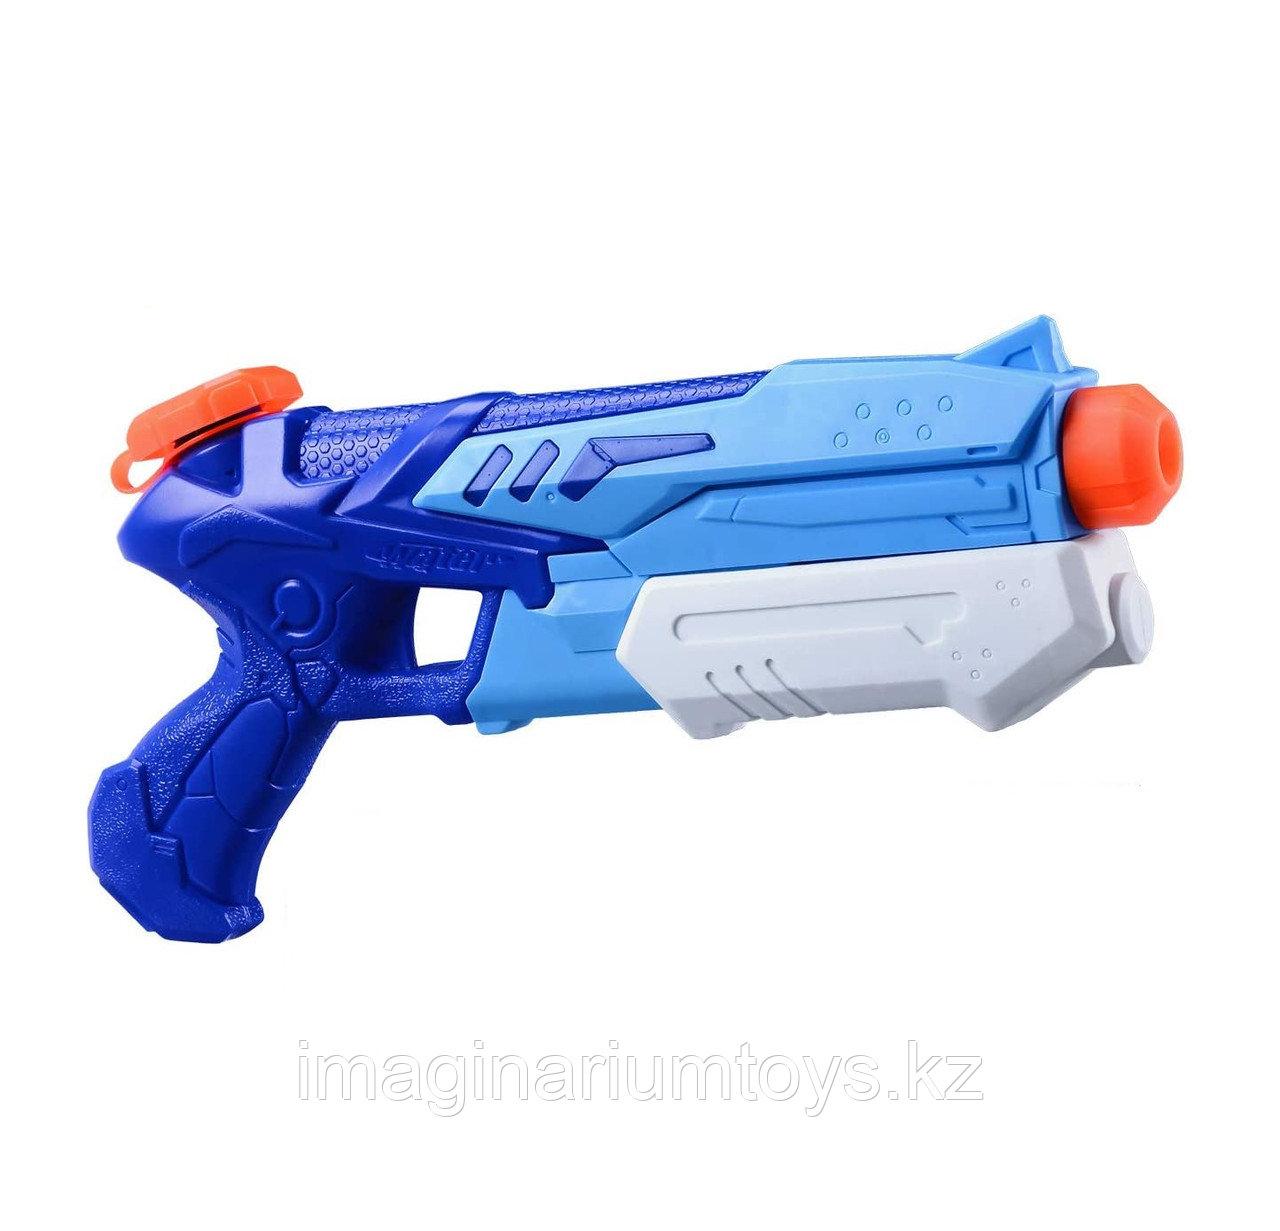 Водный бластер пистолет Hitop